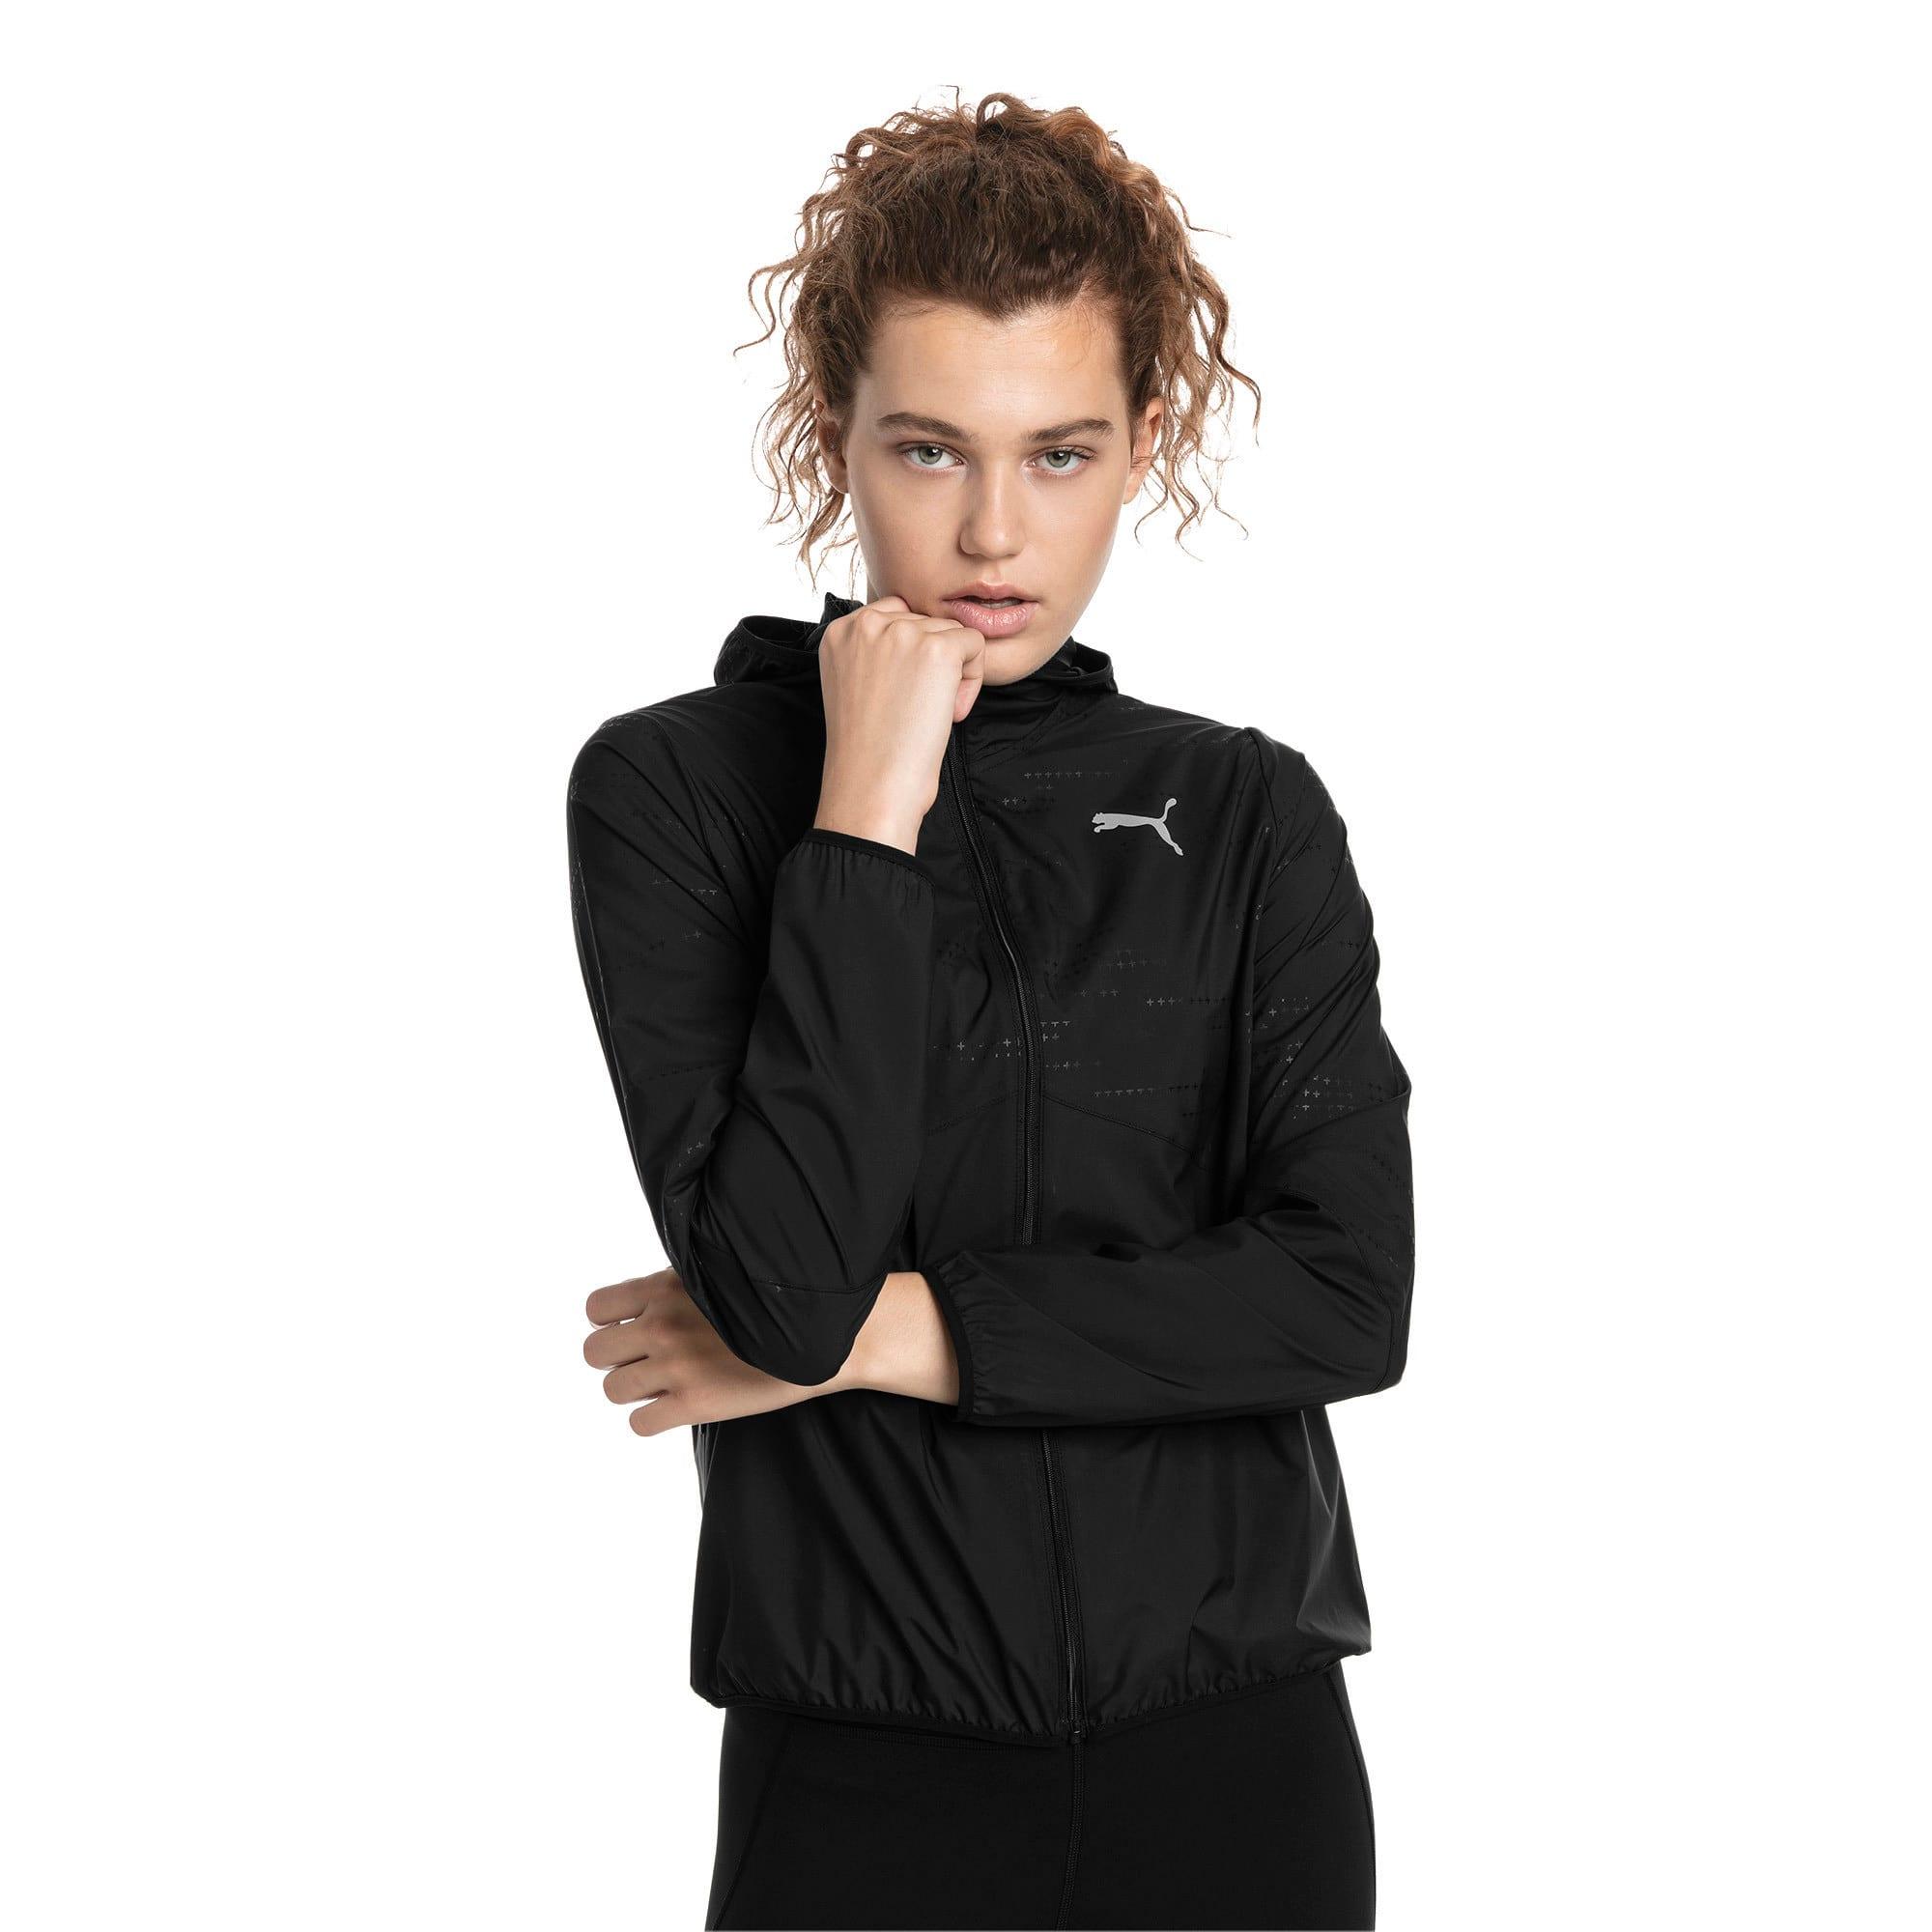 Ignite Woven Hooded Running Track Jacket voor Dames, Zwart, Maat M | PUMA